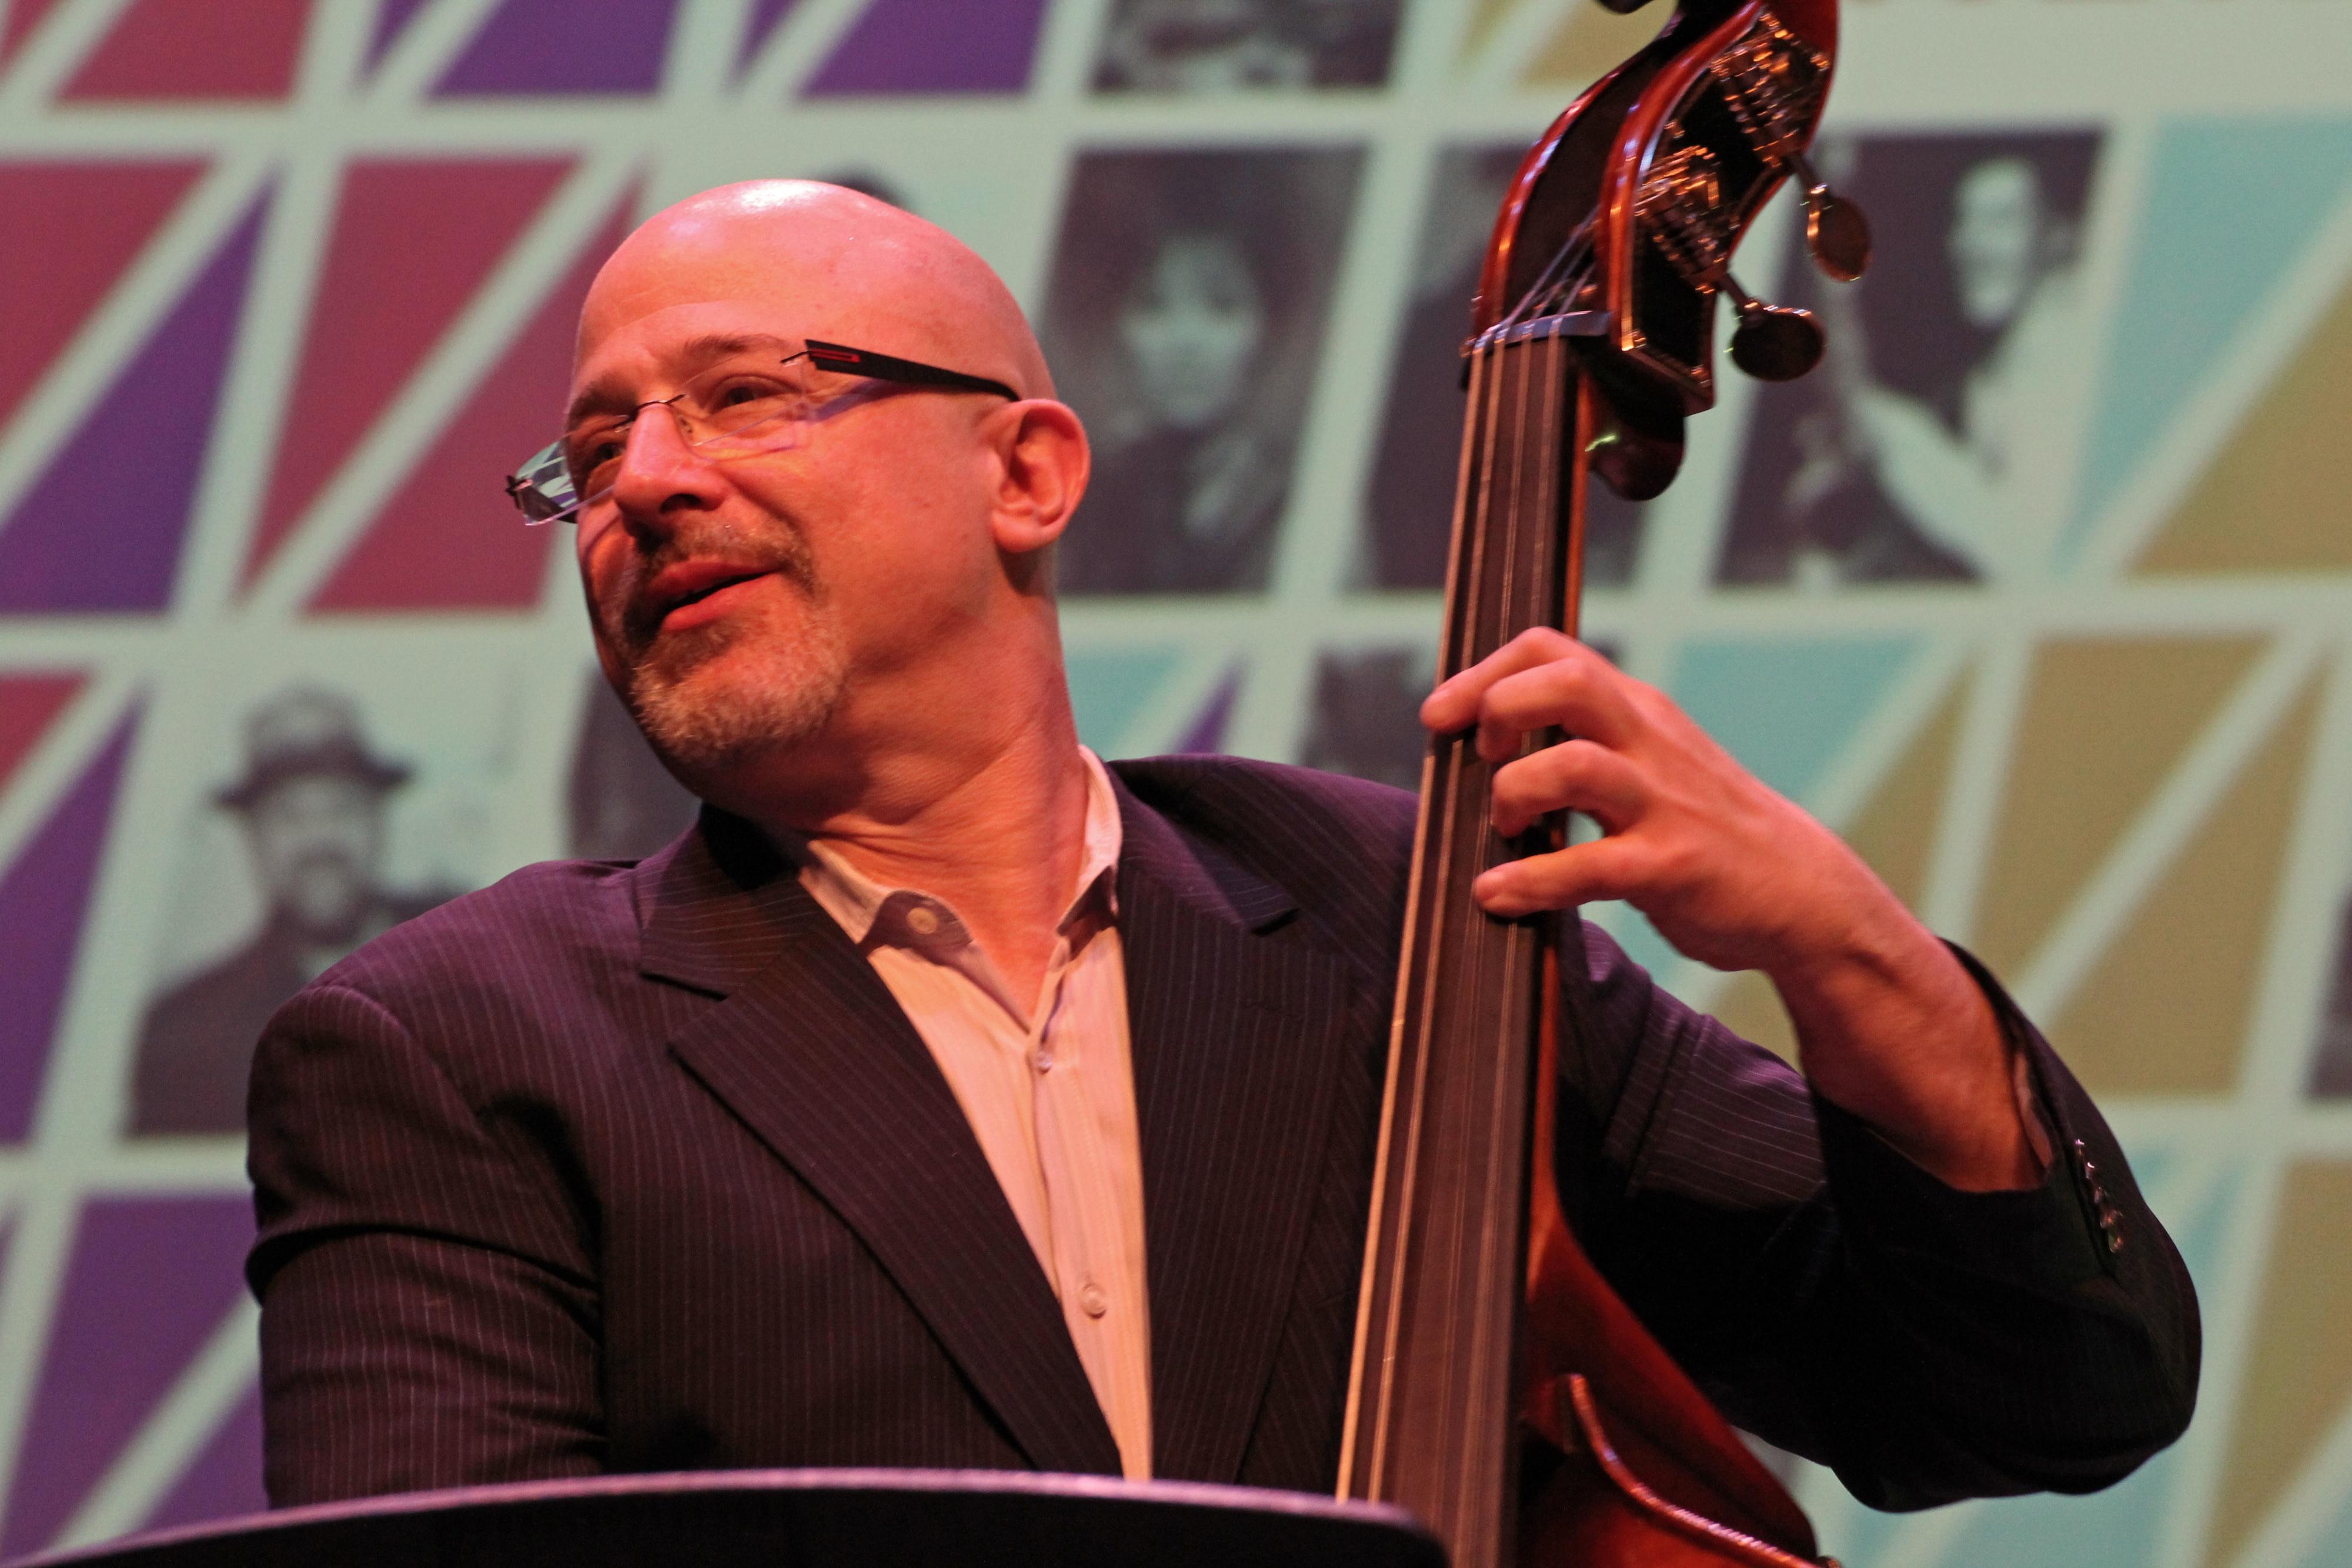 Ben wolfe at tri-c jazzfest cleveland 2013